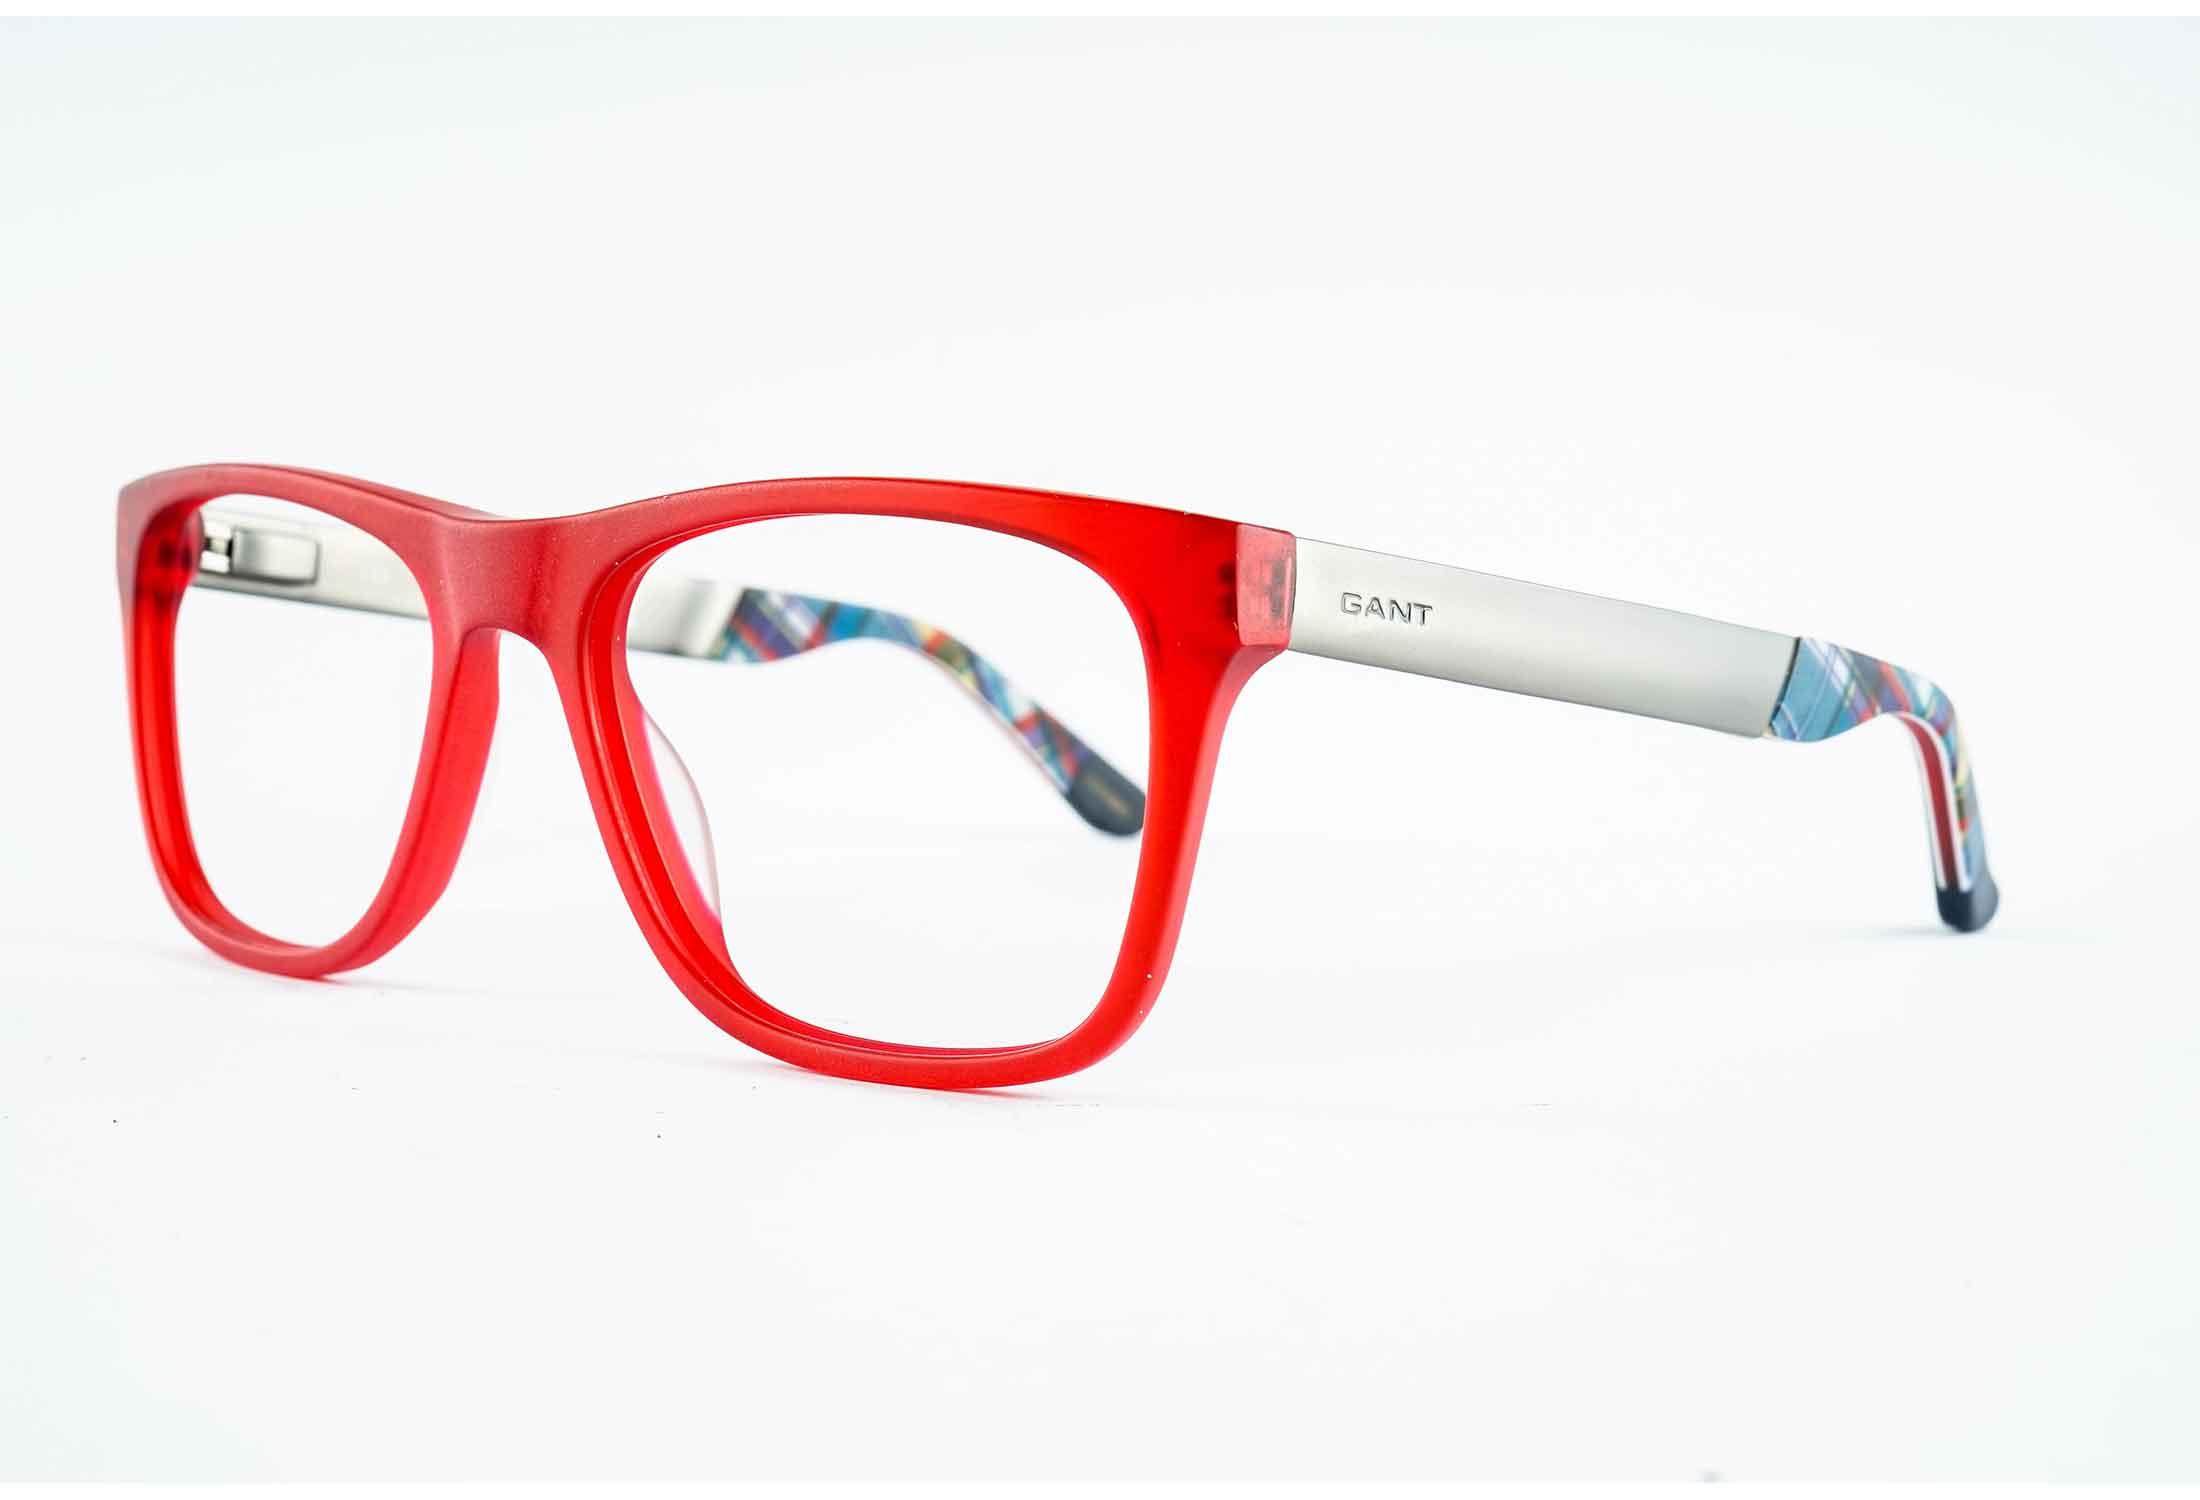 648153bbe06 Gant ga eyeglasses extra optical jpg 2200x1500 Gant glasses for women